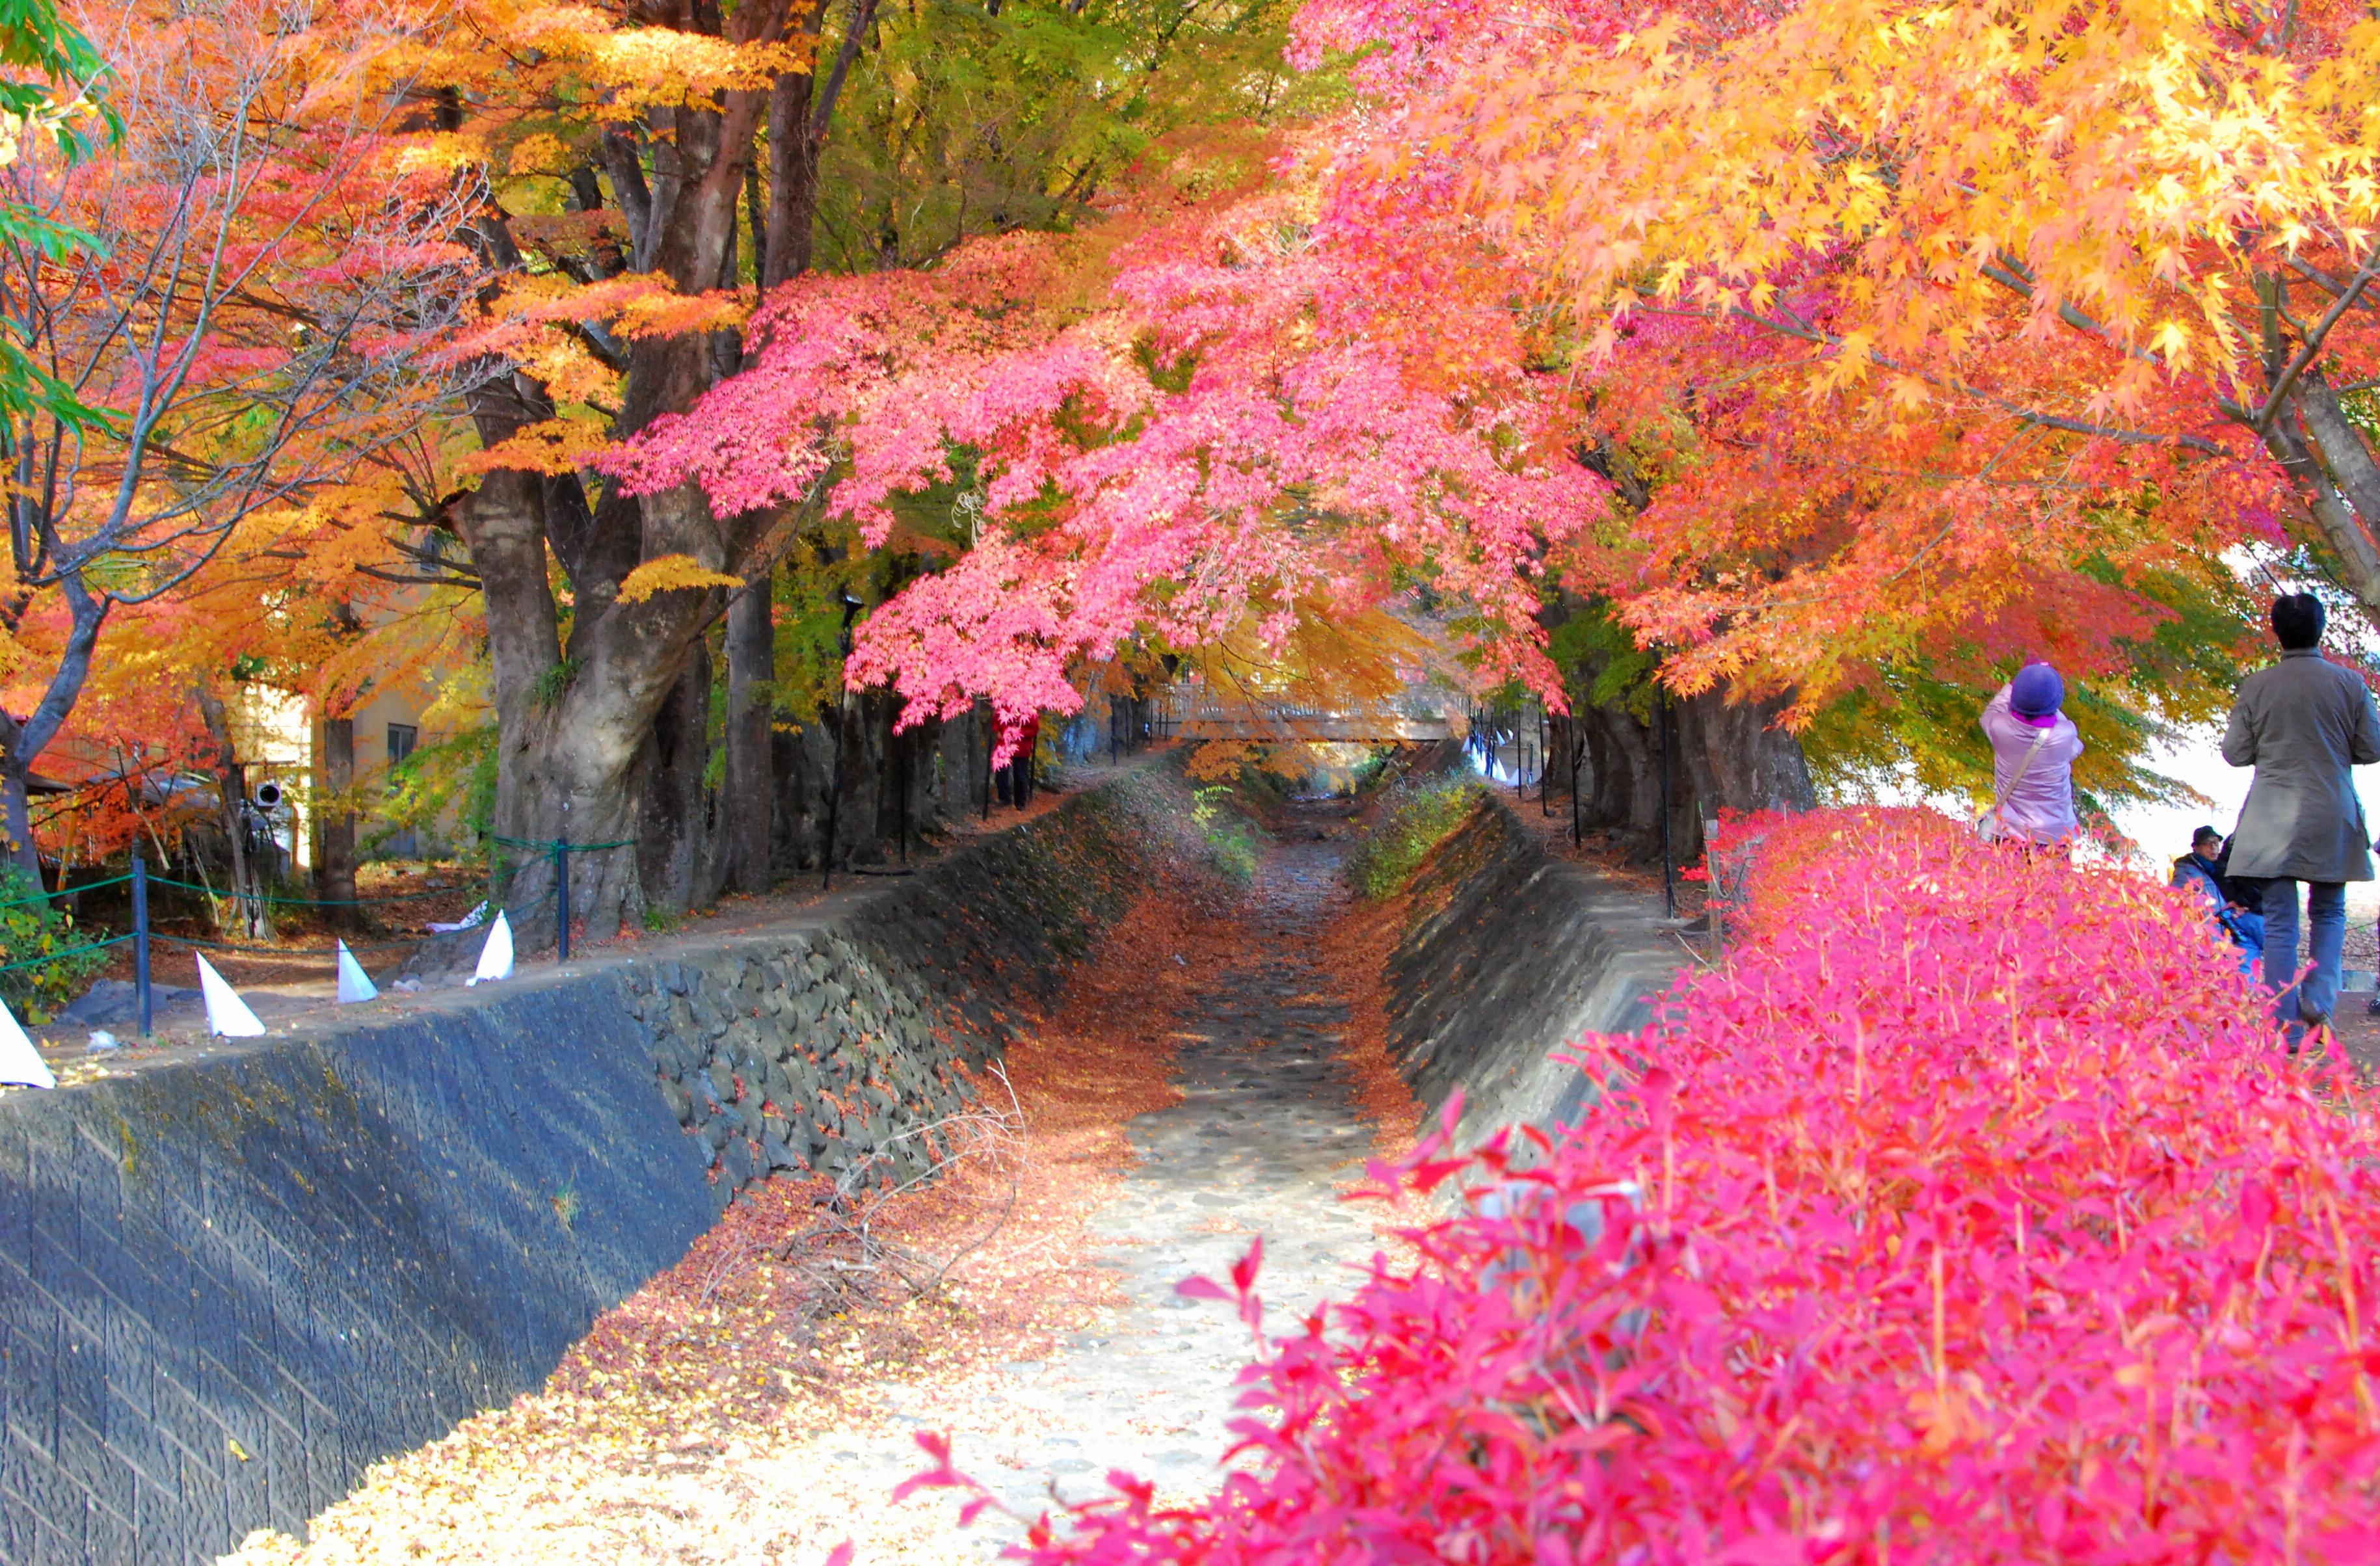 河口湖红叶回廊 梨川红叶回廊中有很多大棵大棵的枫叶树,他们组成了图片